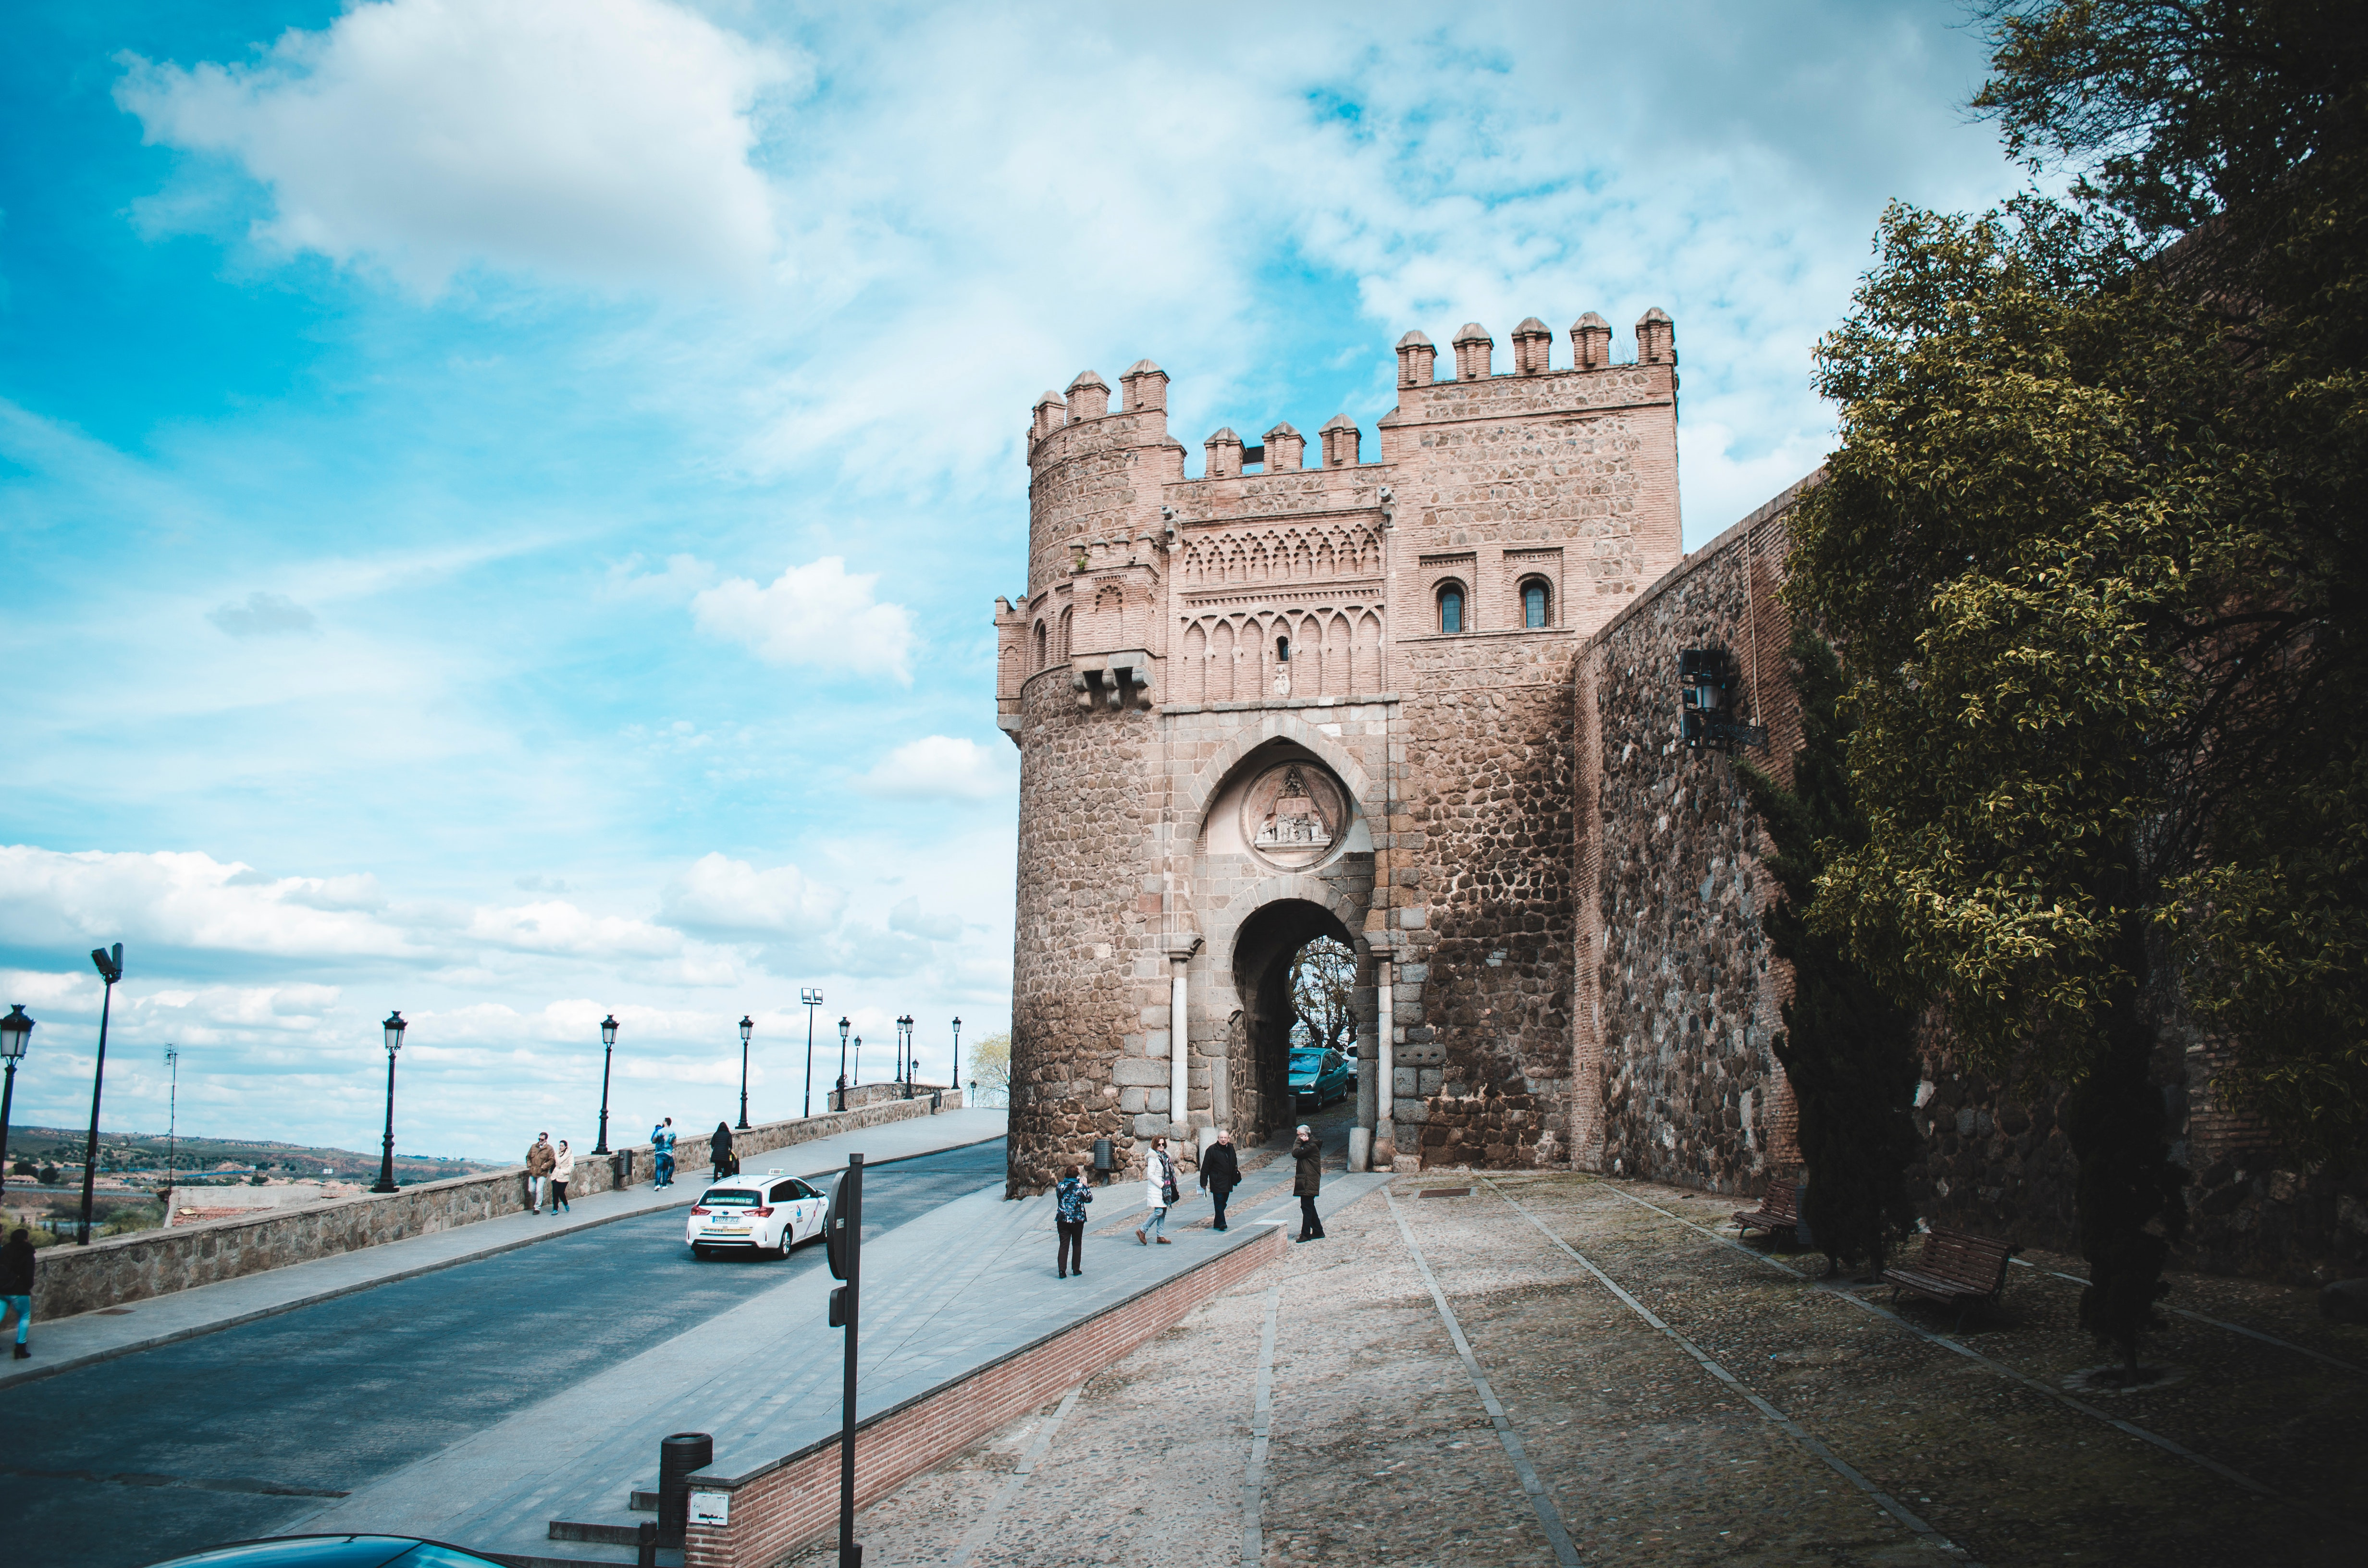 Brown castle photo